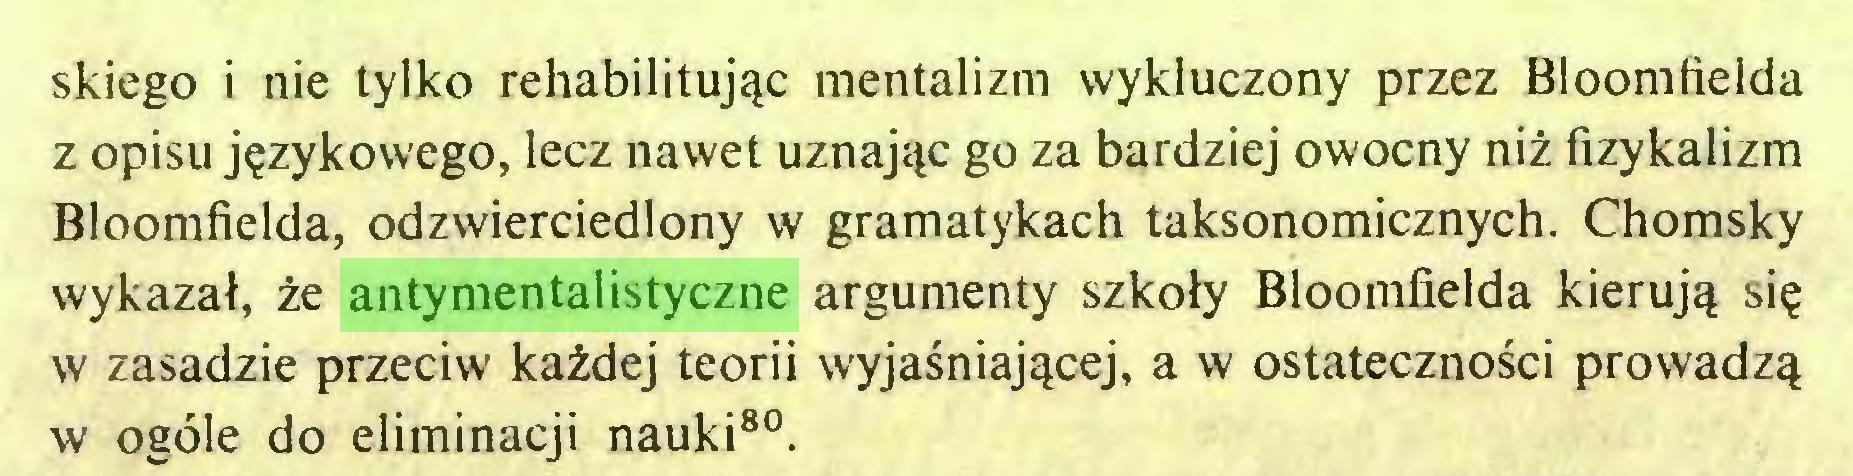 (...) skiego i nie tylko rehabilitując mentalizm wykluczony przez Bloomfielda z opisu językowego, lecz nawet uznając go za bardziej owocny niż fizykalizm Bloomfielda, odzwierciedlony w gramatykach taksonomicznych. Chomsky wykazał, że antymentalistyczne argumenty szkoły Bloomfielda kierują się w zasadzie przeciw każdej teorii wyjaśniającej, a w ostateczności prowadzą w ogóle do eliminacji nauki80...